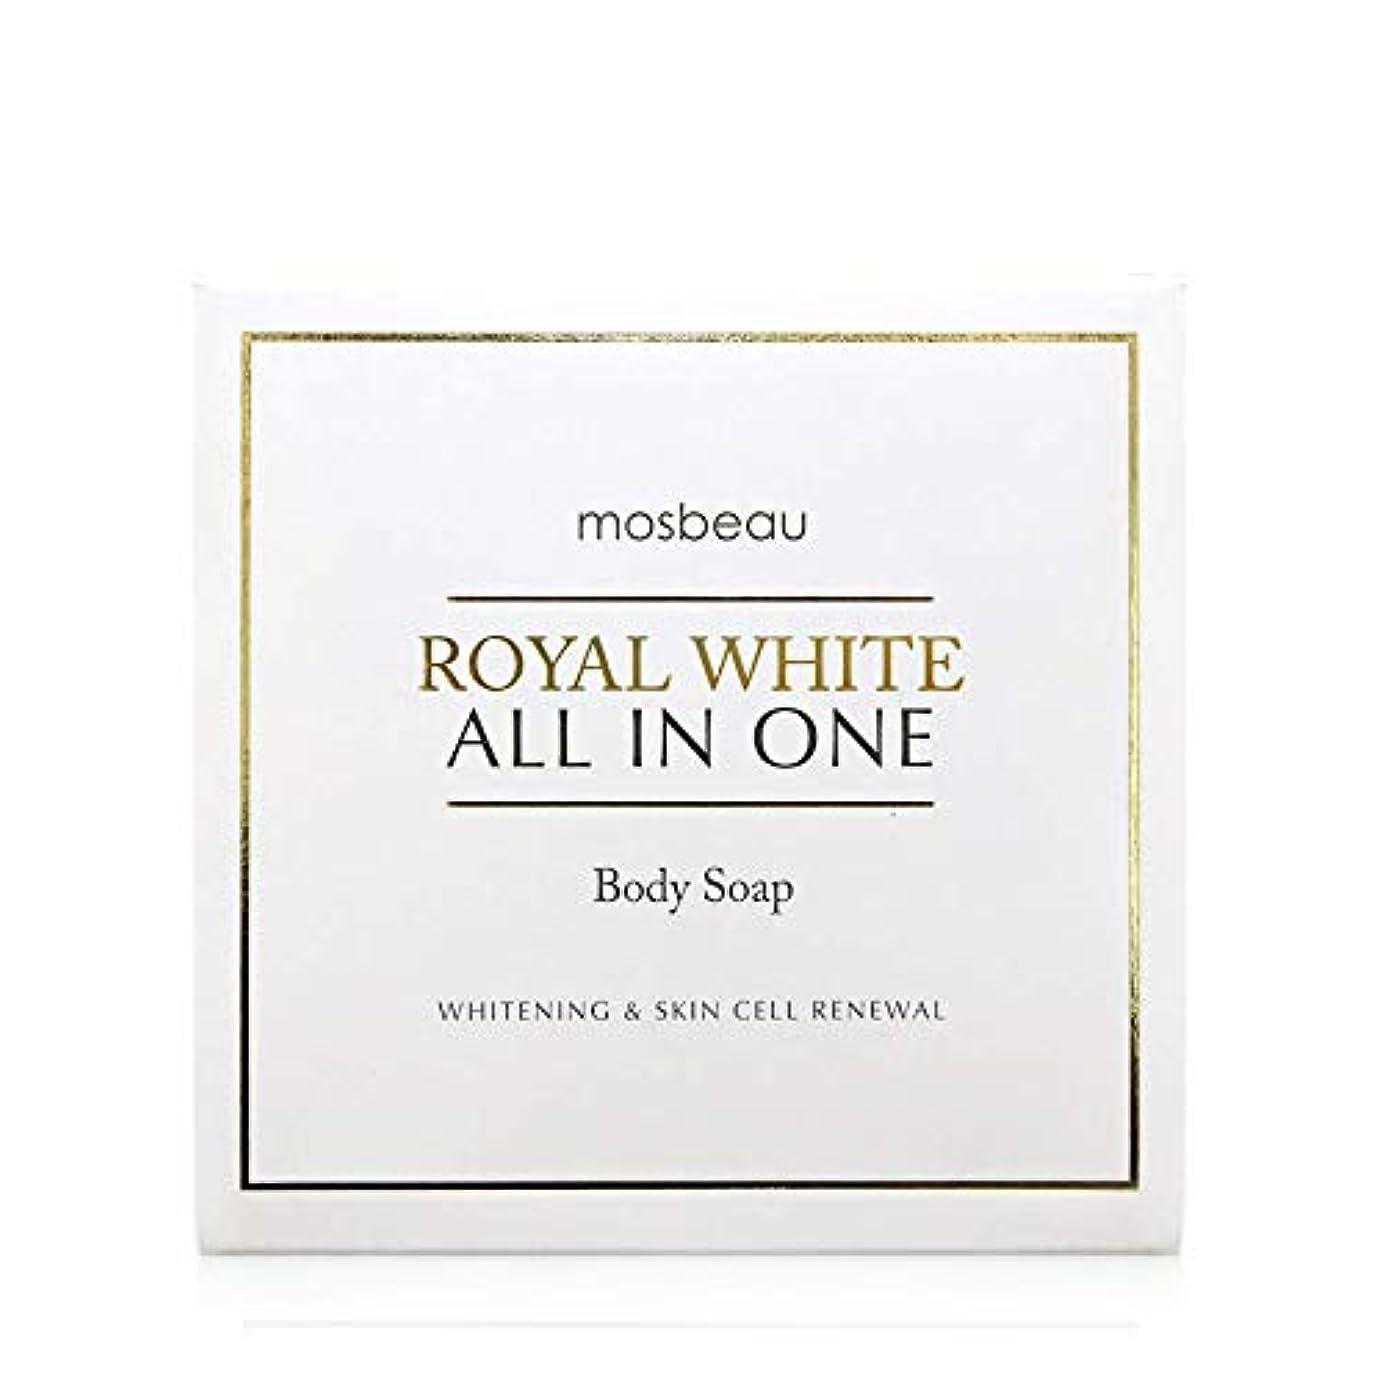 契約したチャレンジ平行mosbeau ROYAL WHITE ALL-IN-ONE BODY SOAP 100g ロィヤルホワイトオールインワンボディーソープ